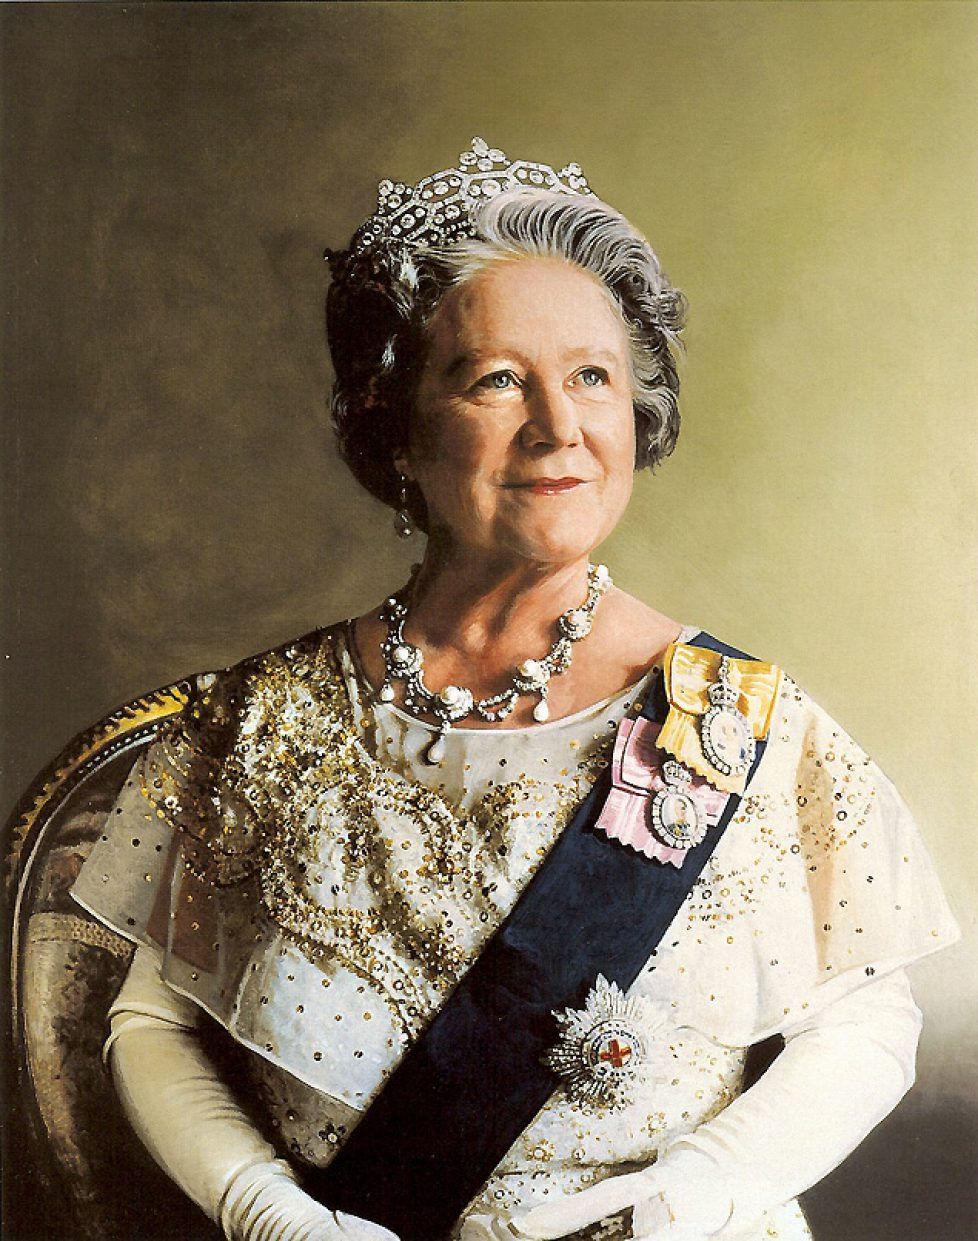 Photo of Queen Elizabeth The Queen Mother: Queen consort of King George VI, mother of Queen Elizabeth II